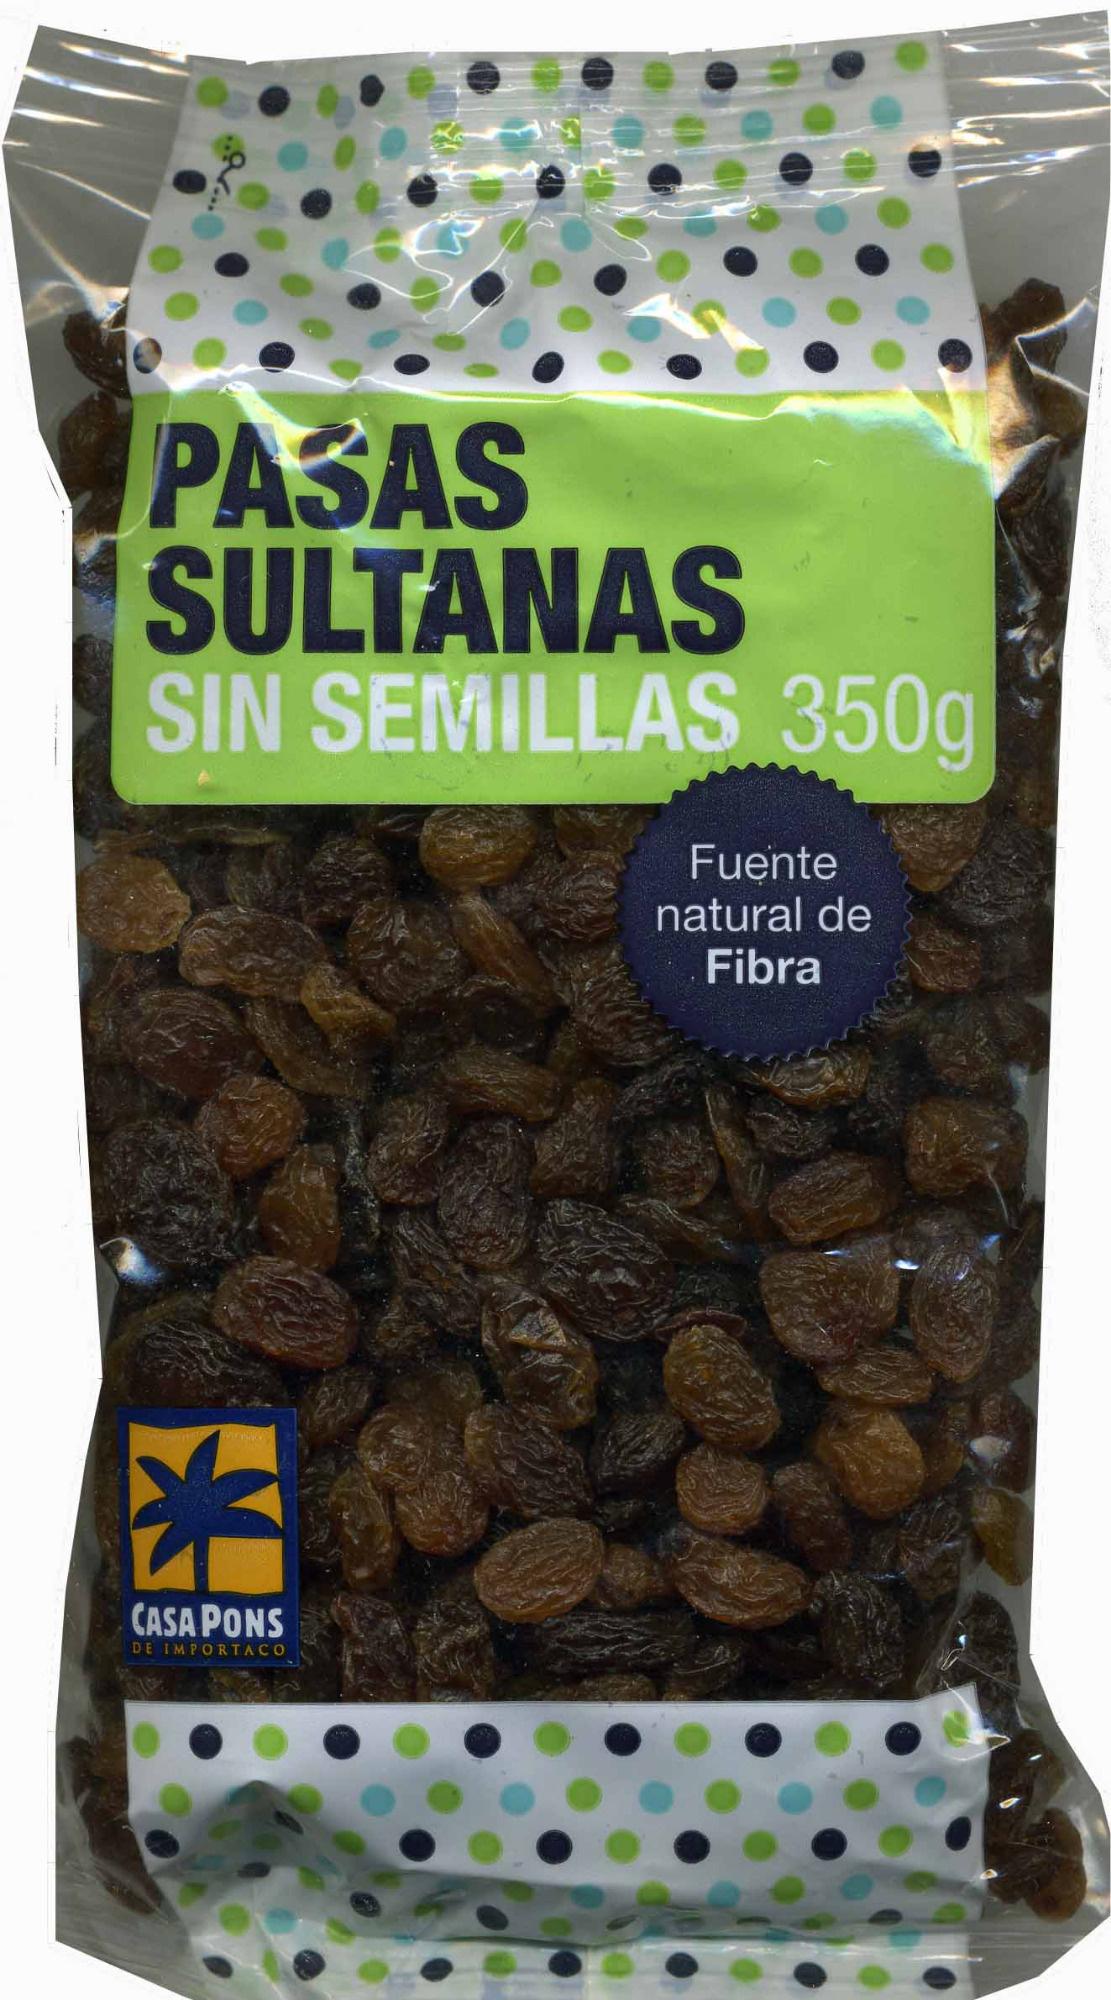 Pasas sultanas sin semillas - Product - es